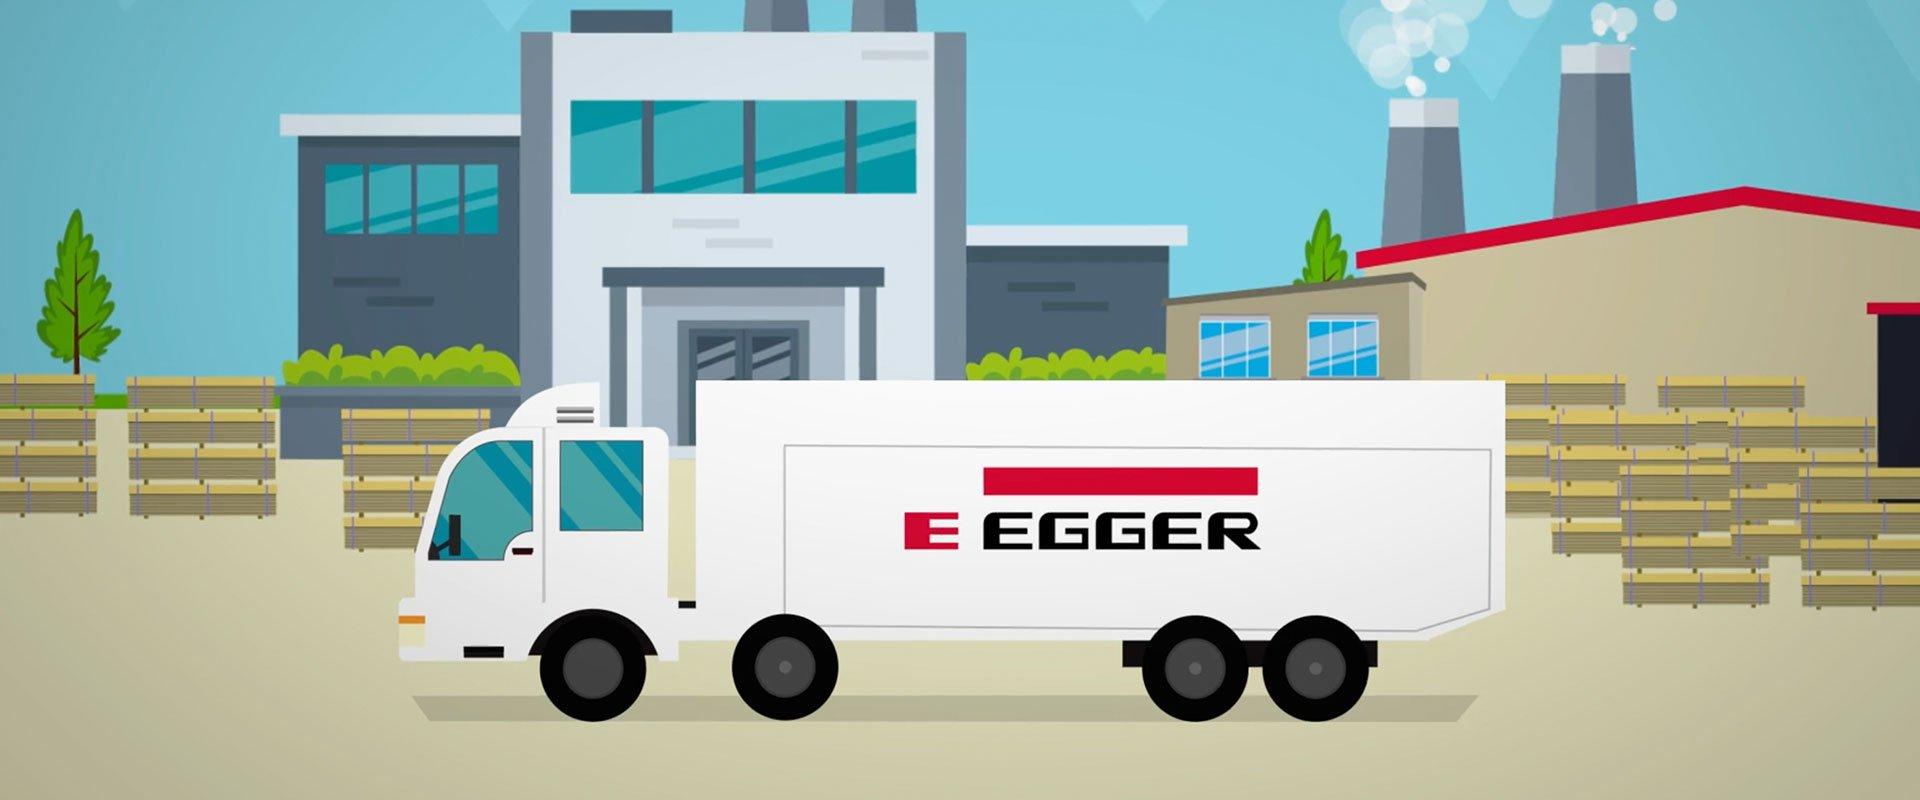 Egger truck header